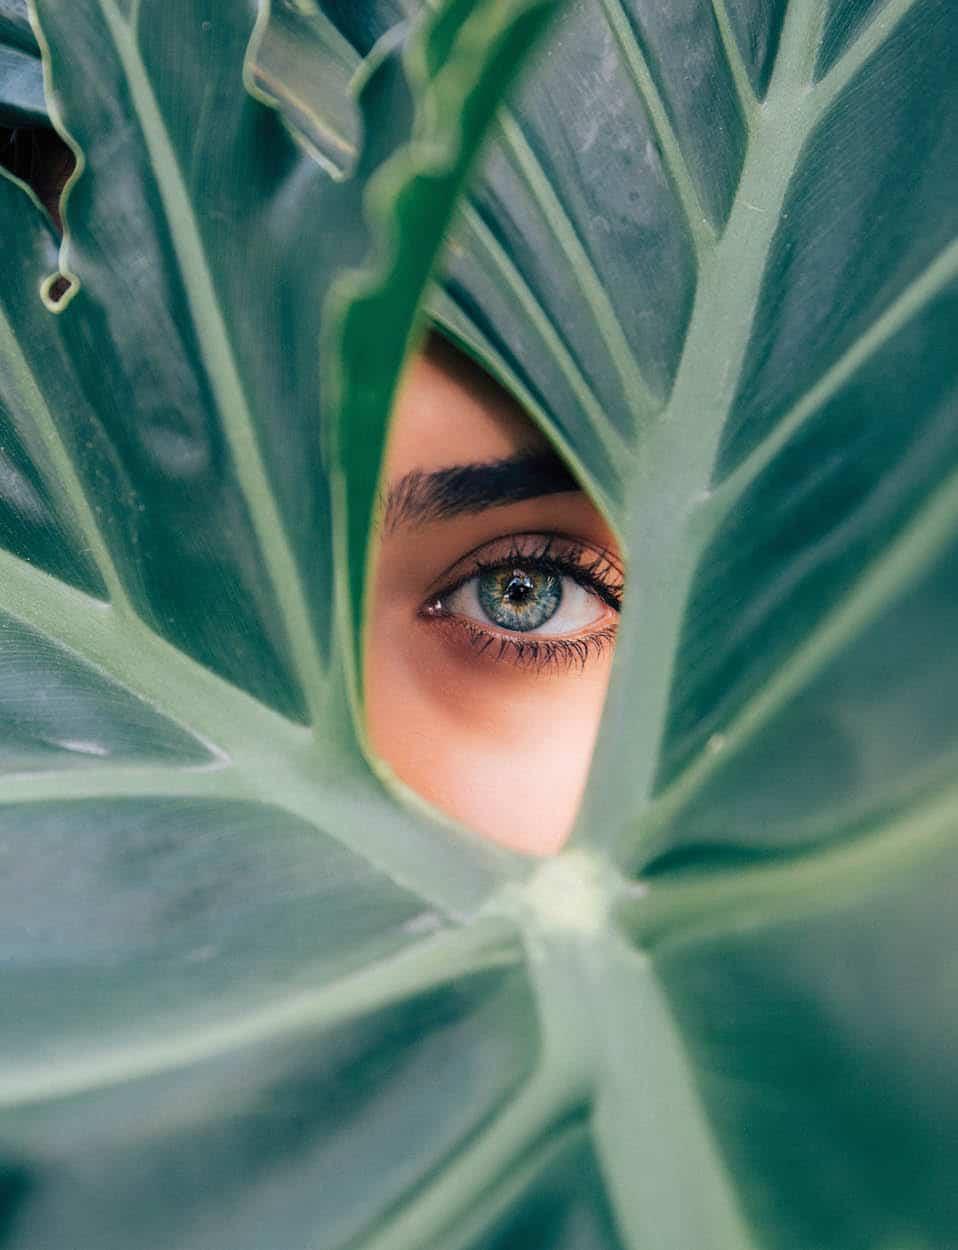 Cách giữ đôi mắt sáng trong như ngọc - 1